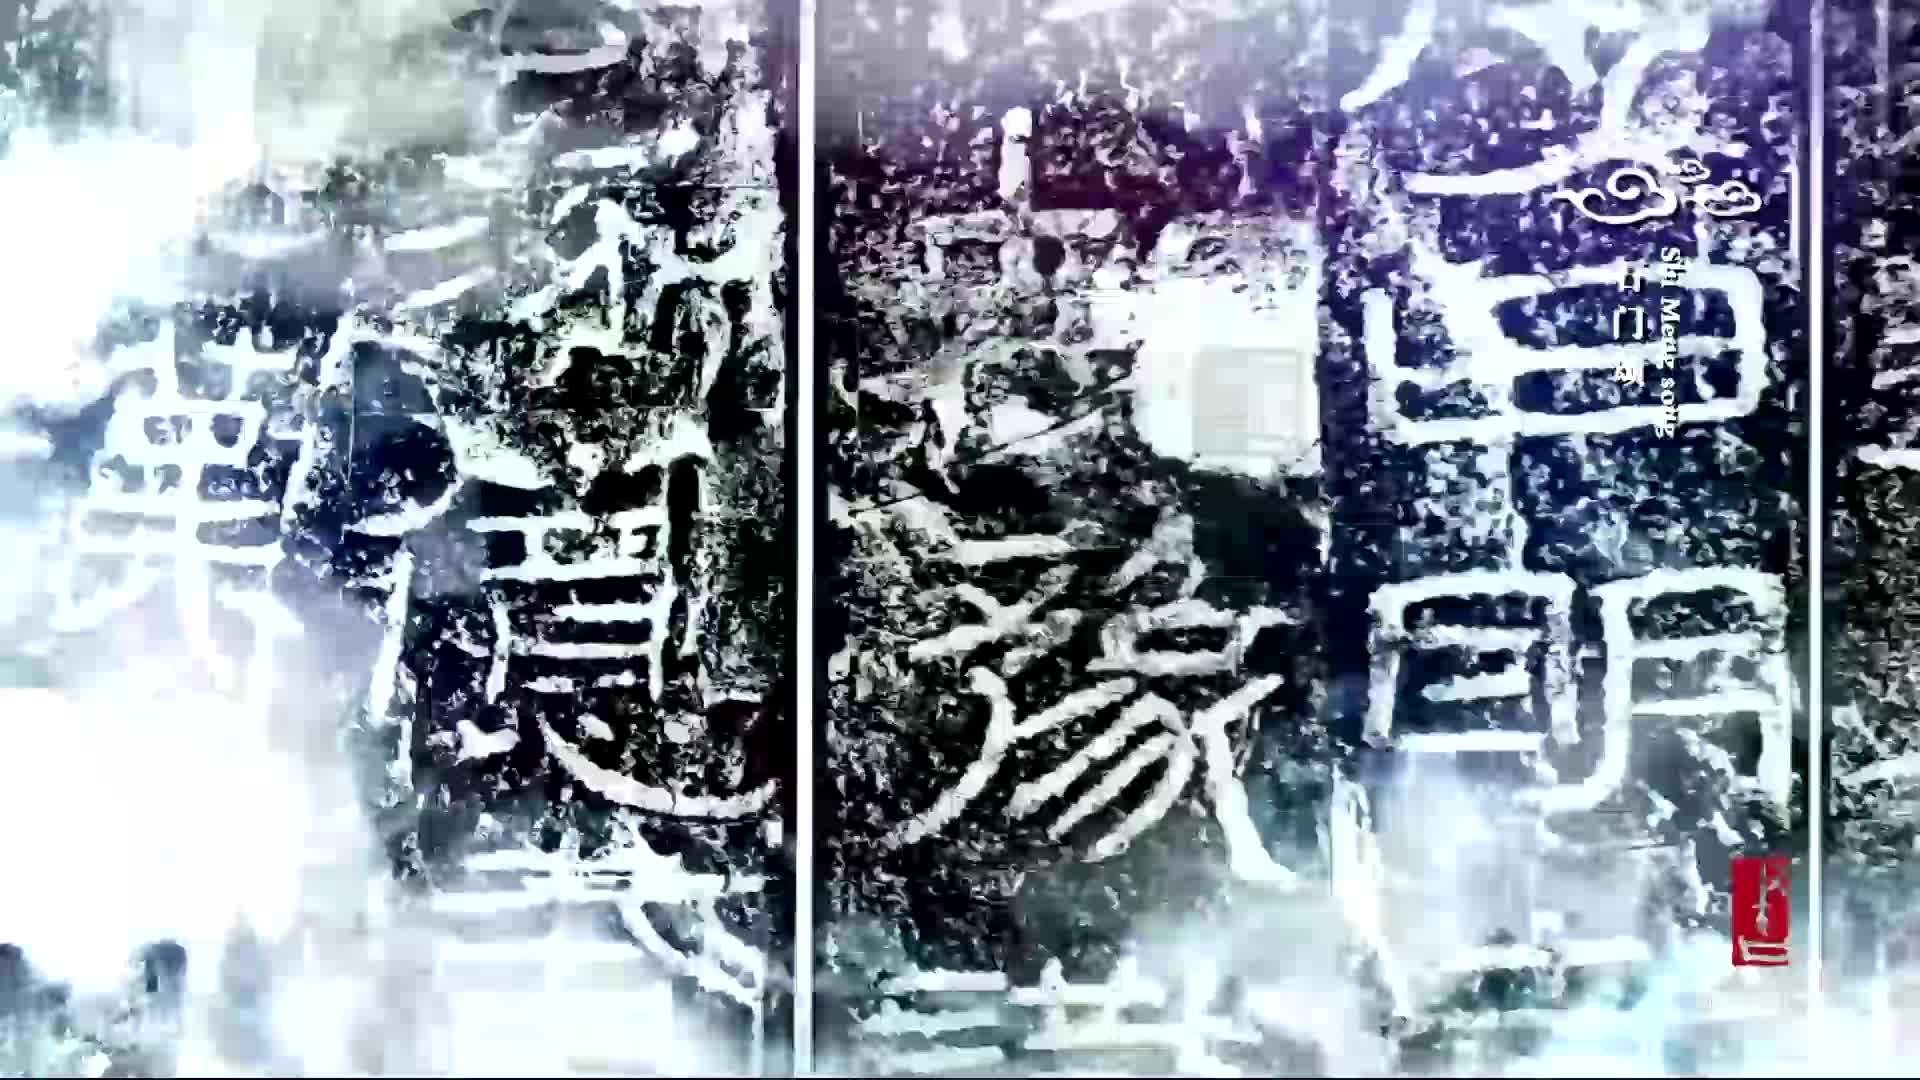 书法记录系列节目访碑云上第4期昭陵博物馆